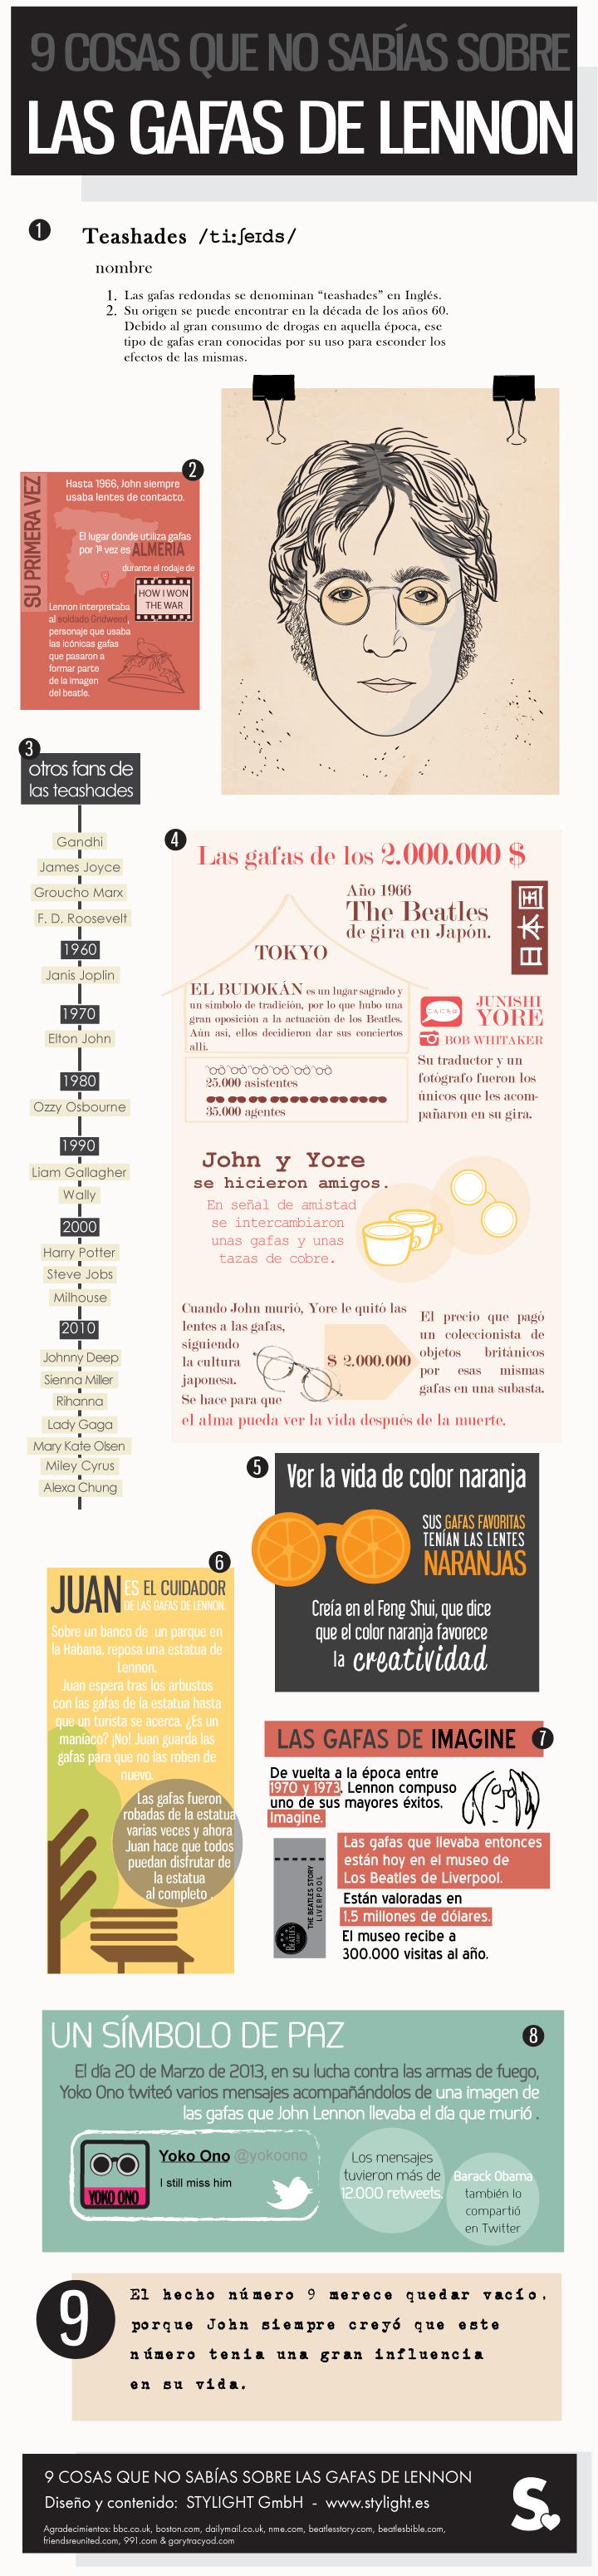 9-cosas-desconoces-gafas-lennon